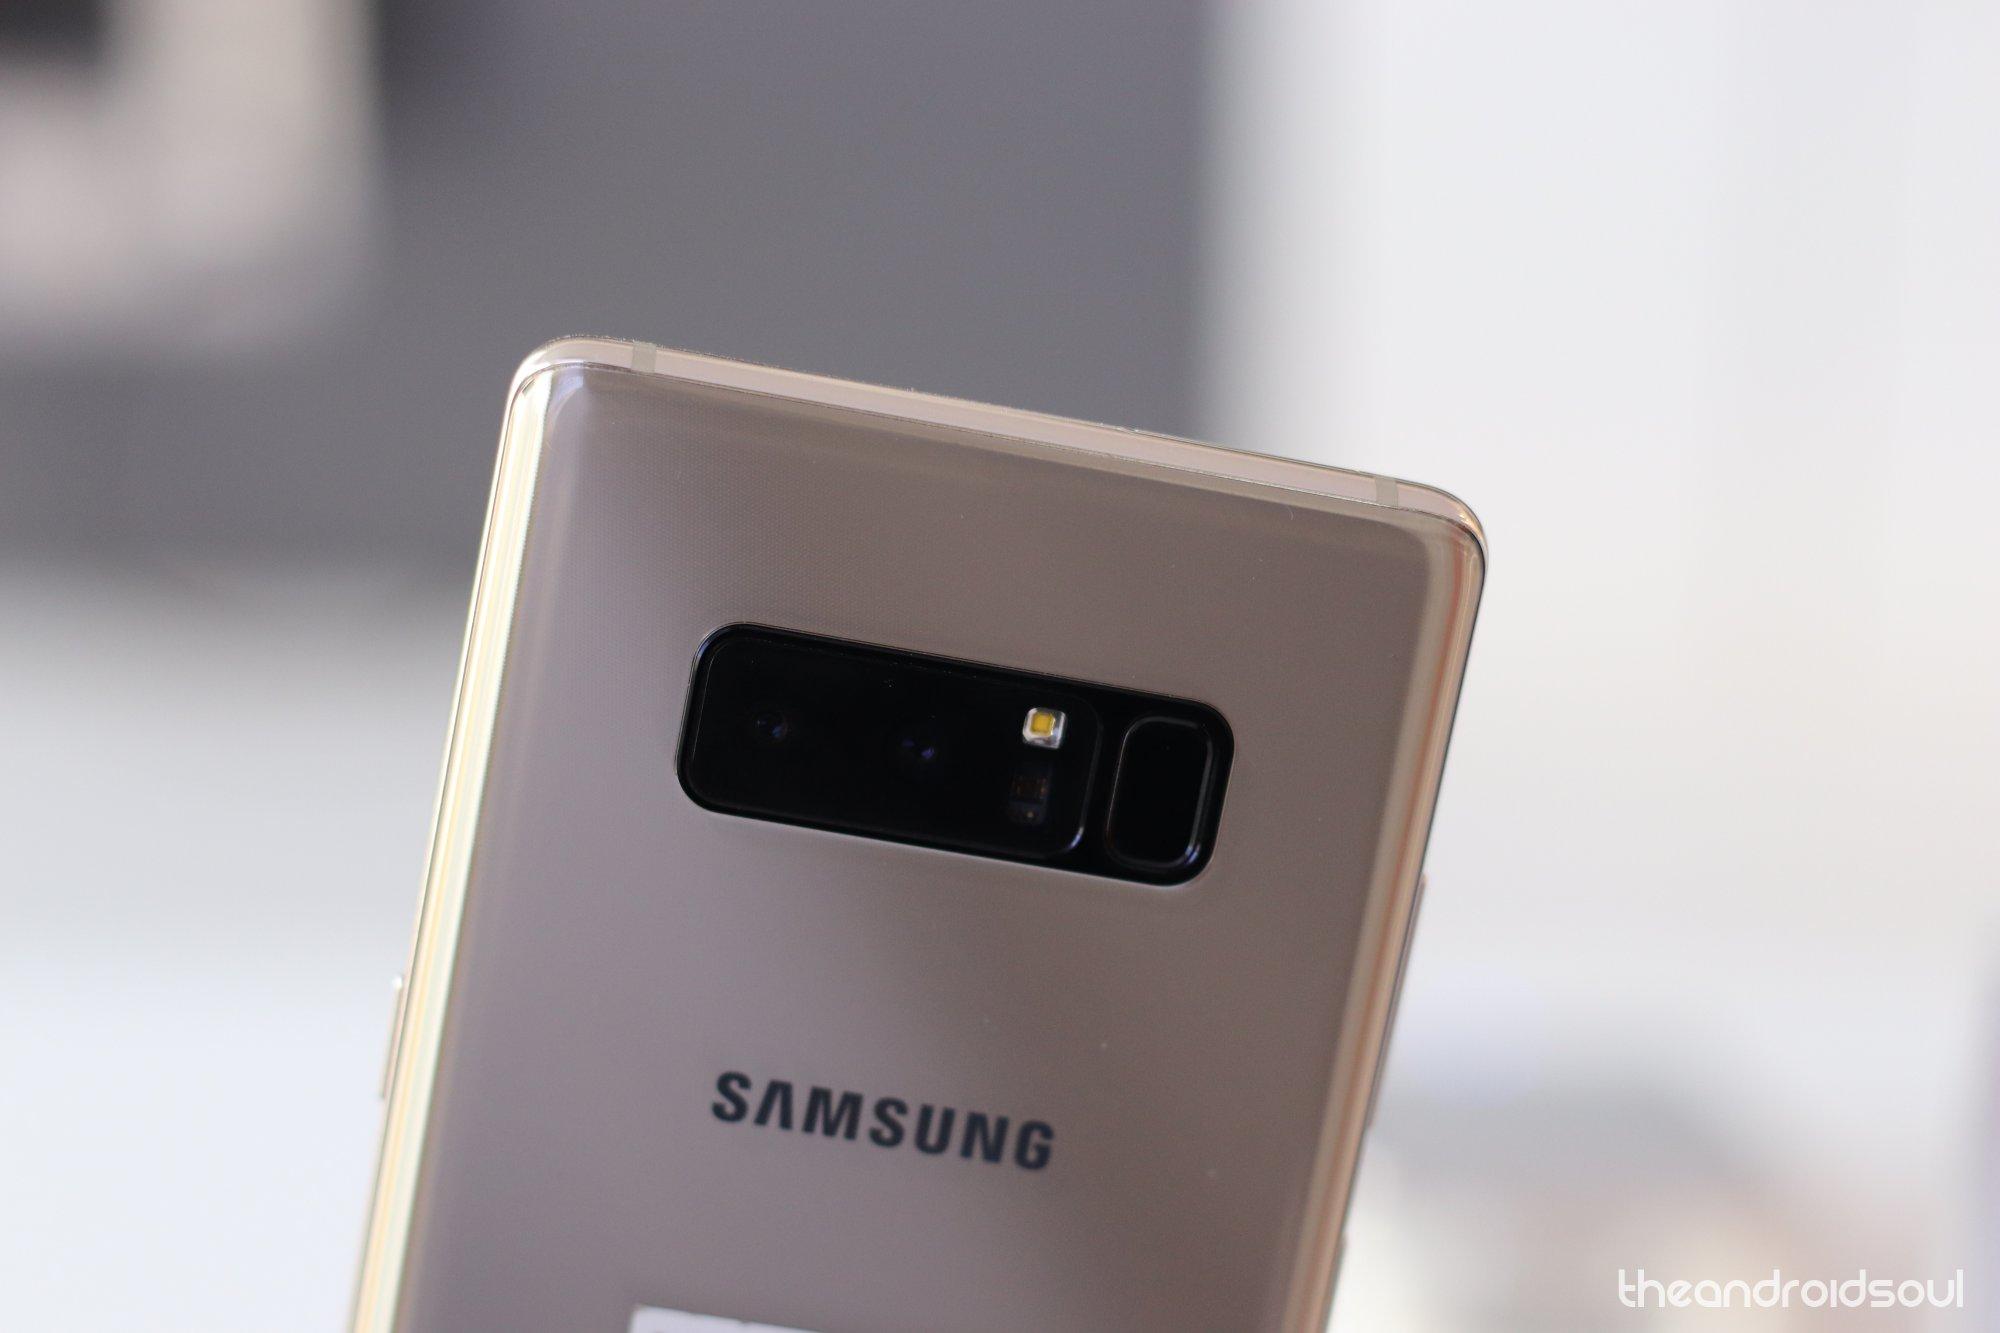 Samsung Galaxy Note 8 update